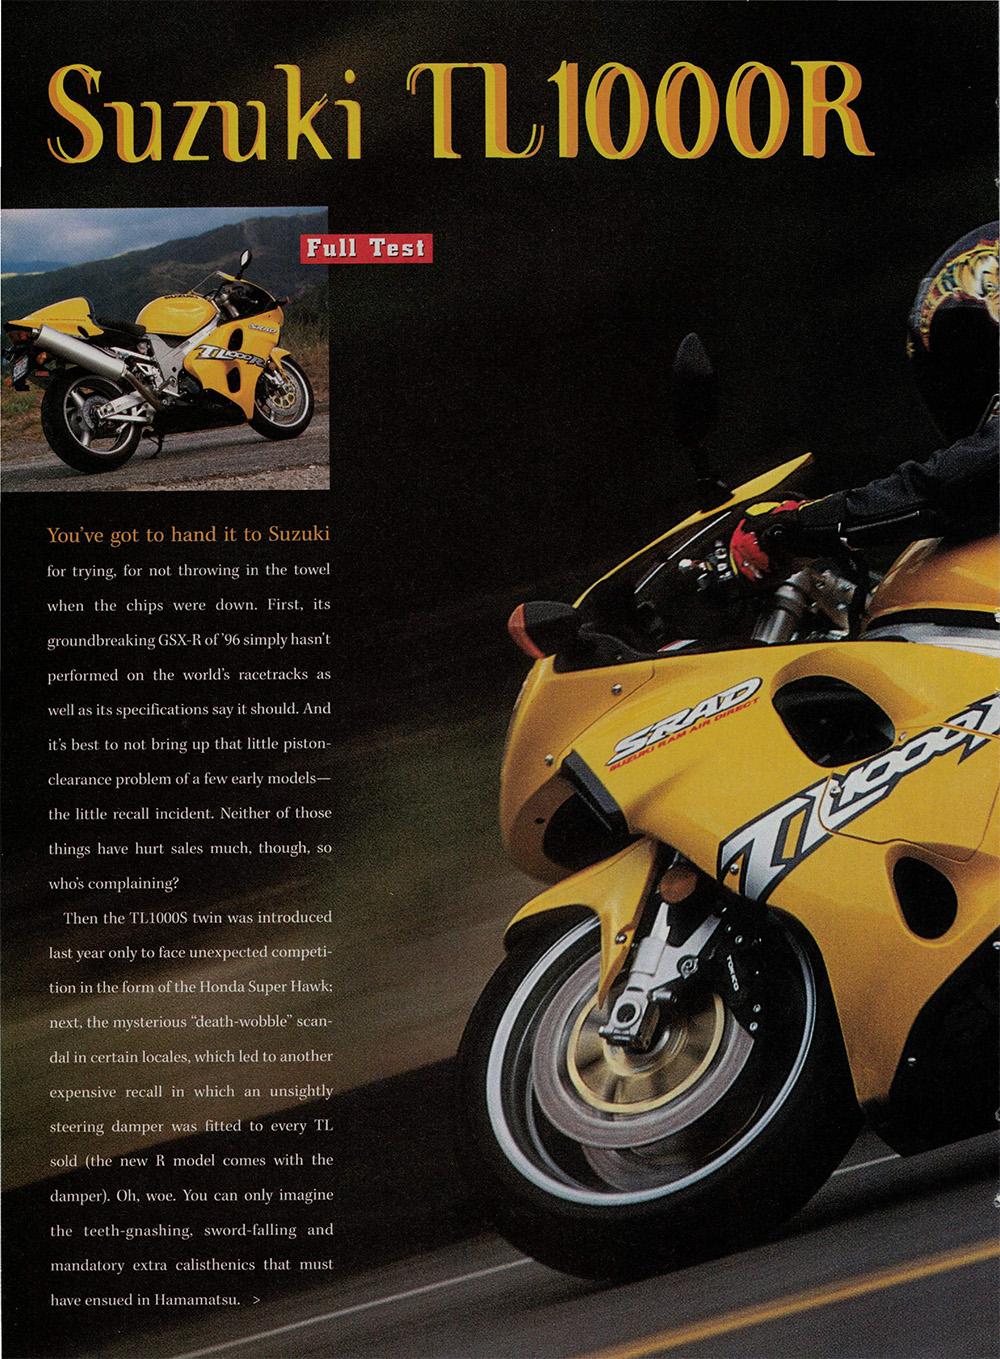 1998 Suzuki TL1000R road test 01.jpg